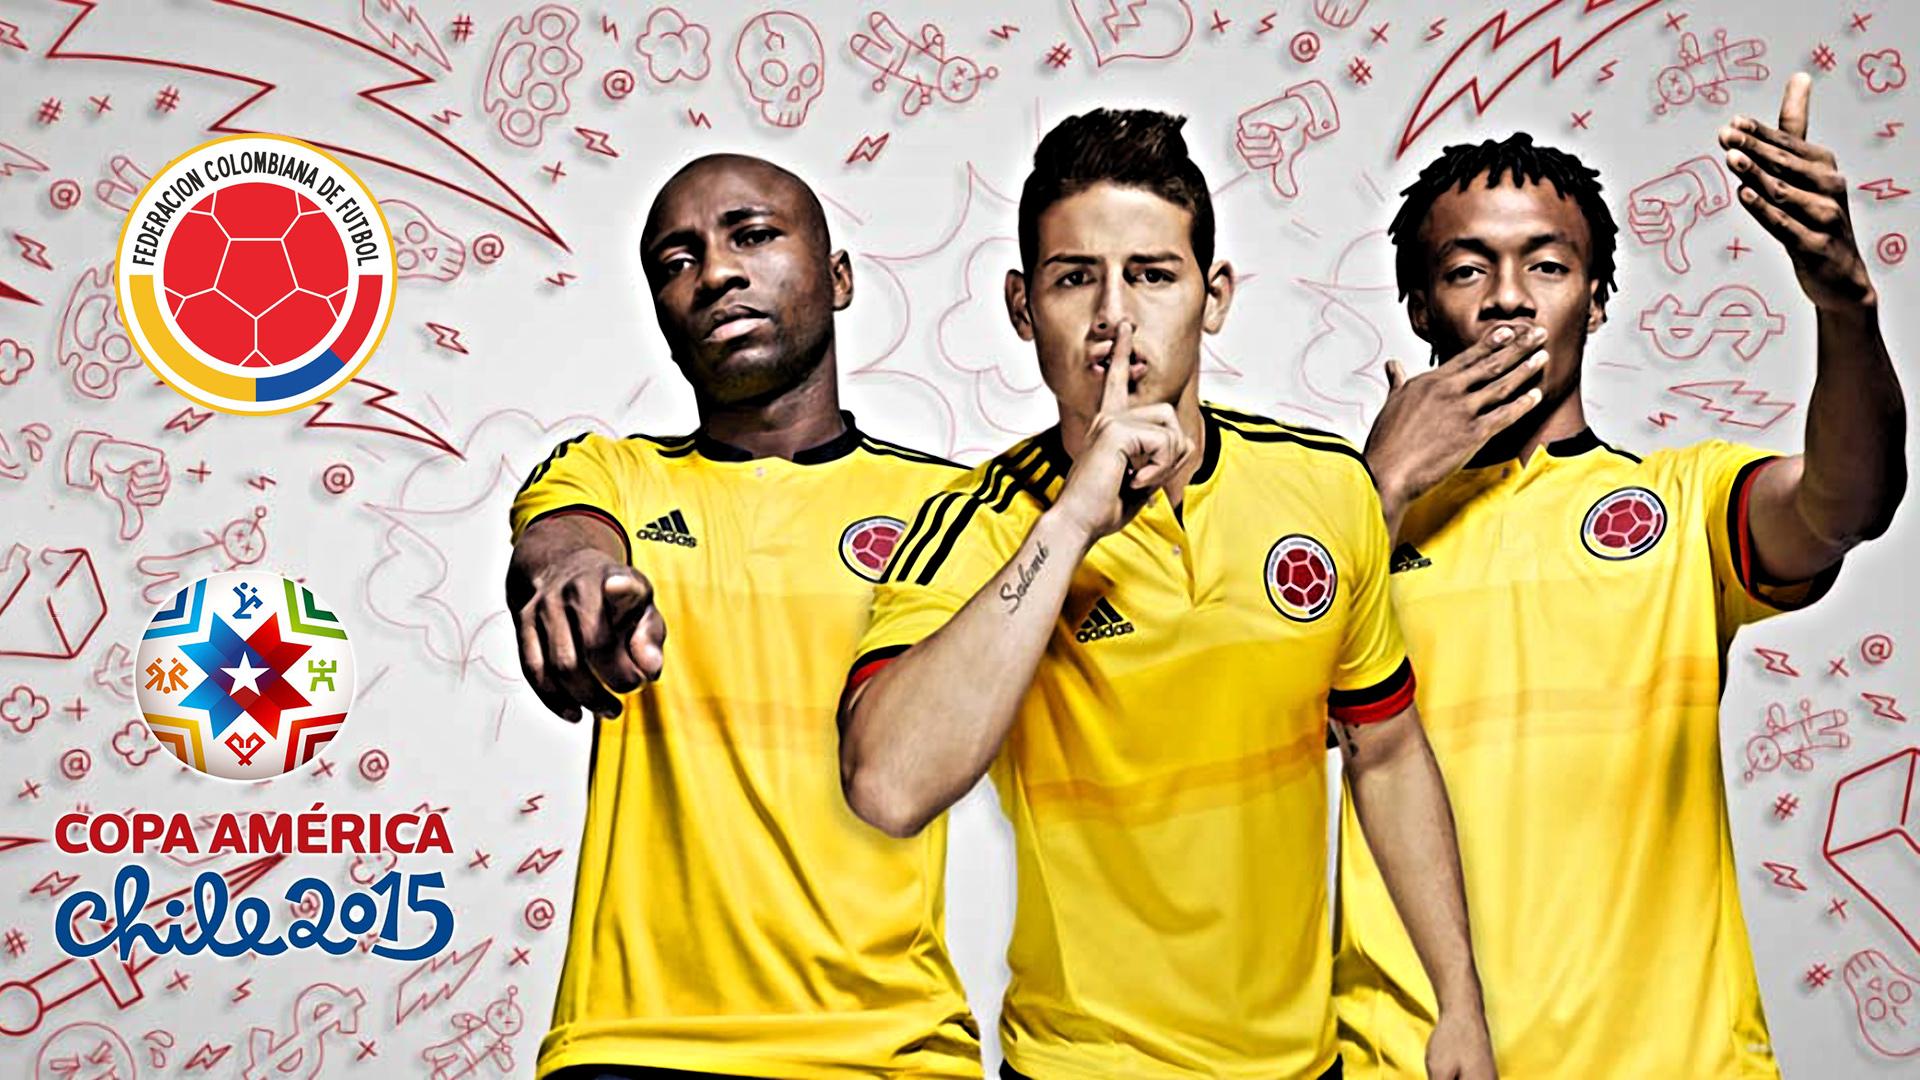 Copa América - Colombia